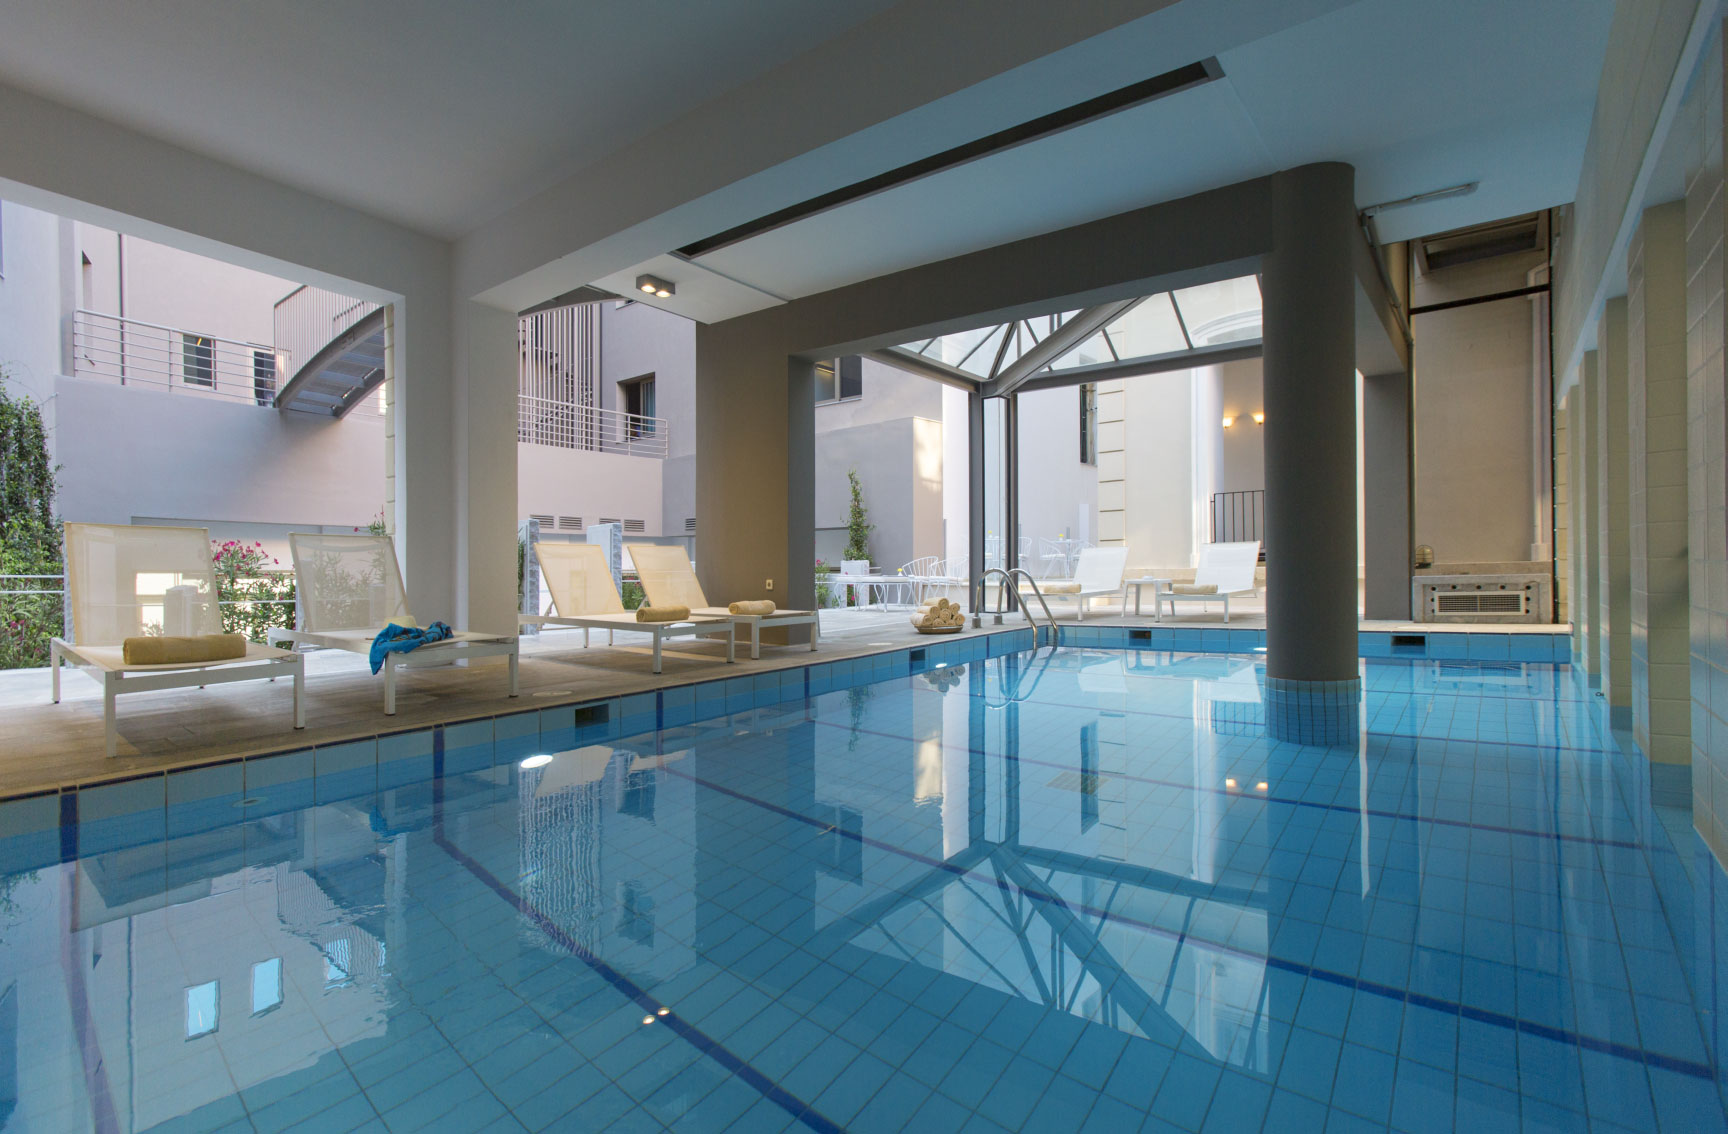 aquila atlantis hotel travel at crete rh travelatcrete com